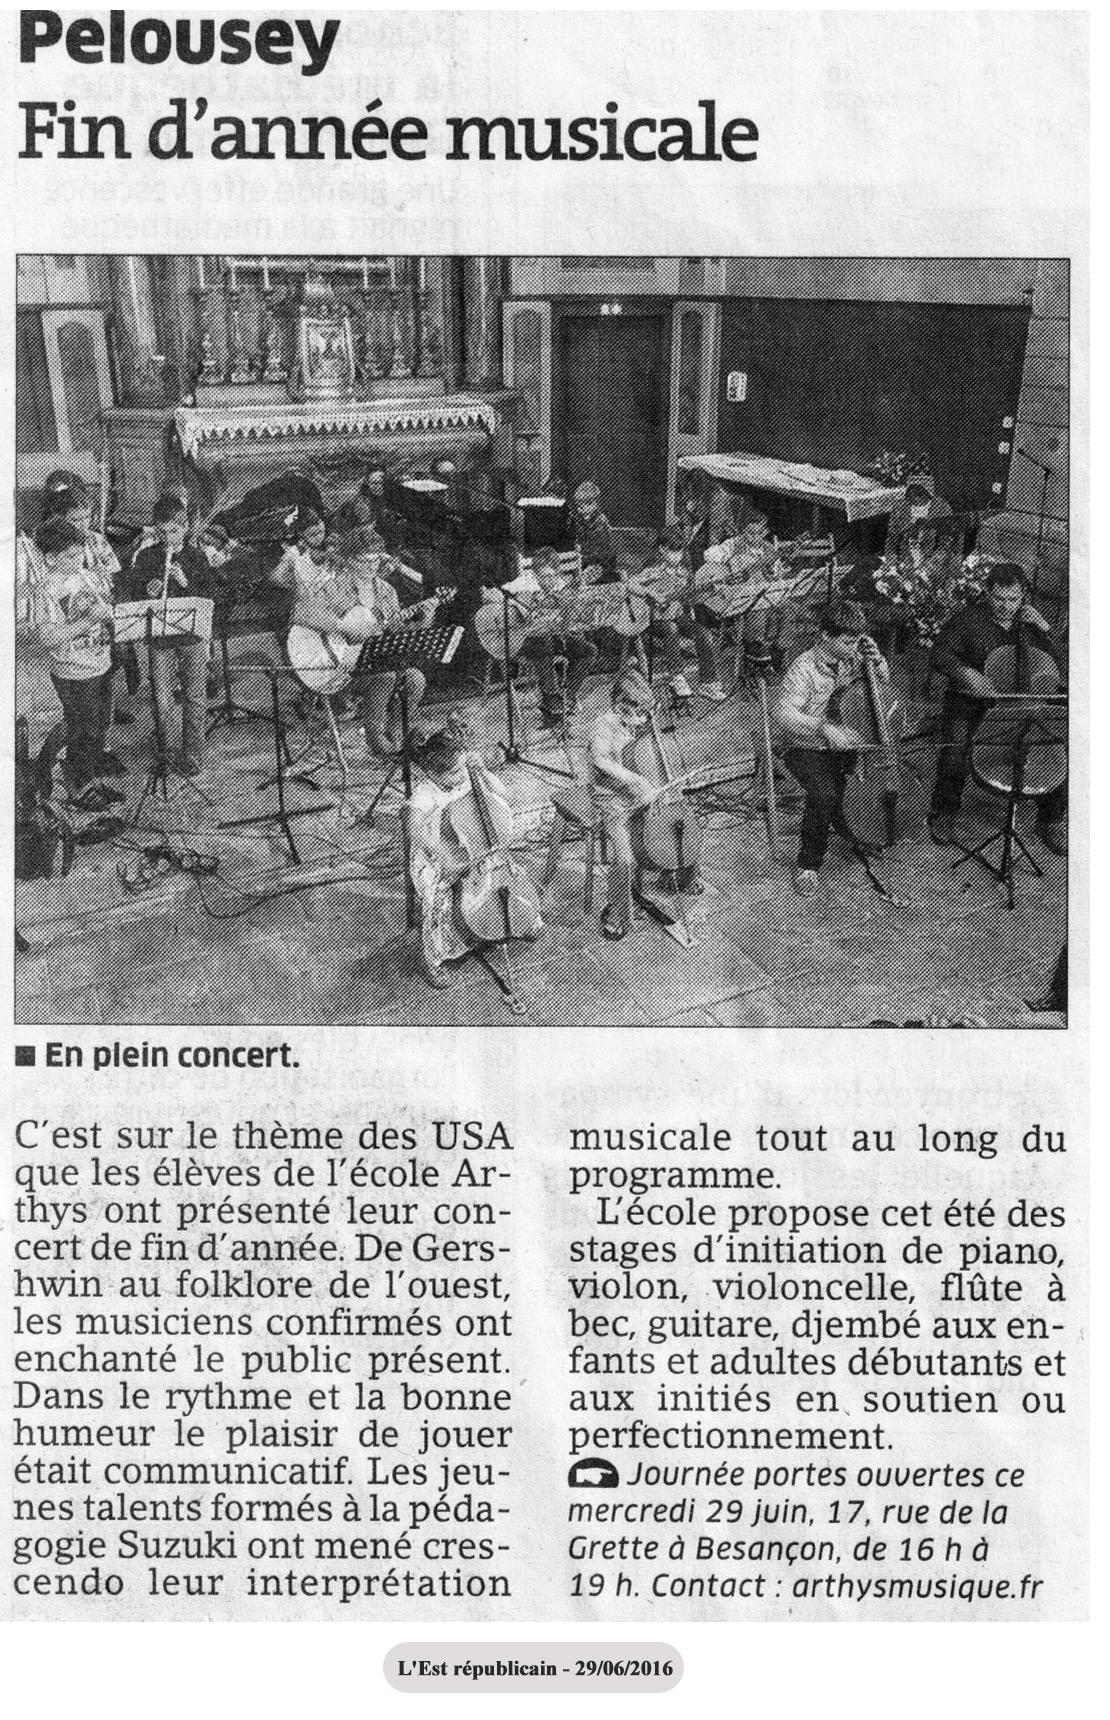 Arthys Ecole De Musique Pelousey Fin d 'Année Musicale 2016